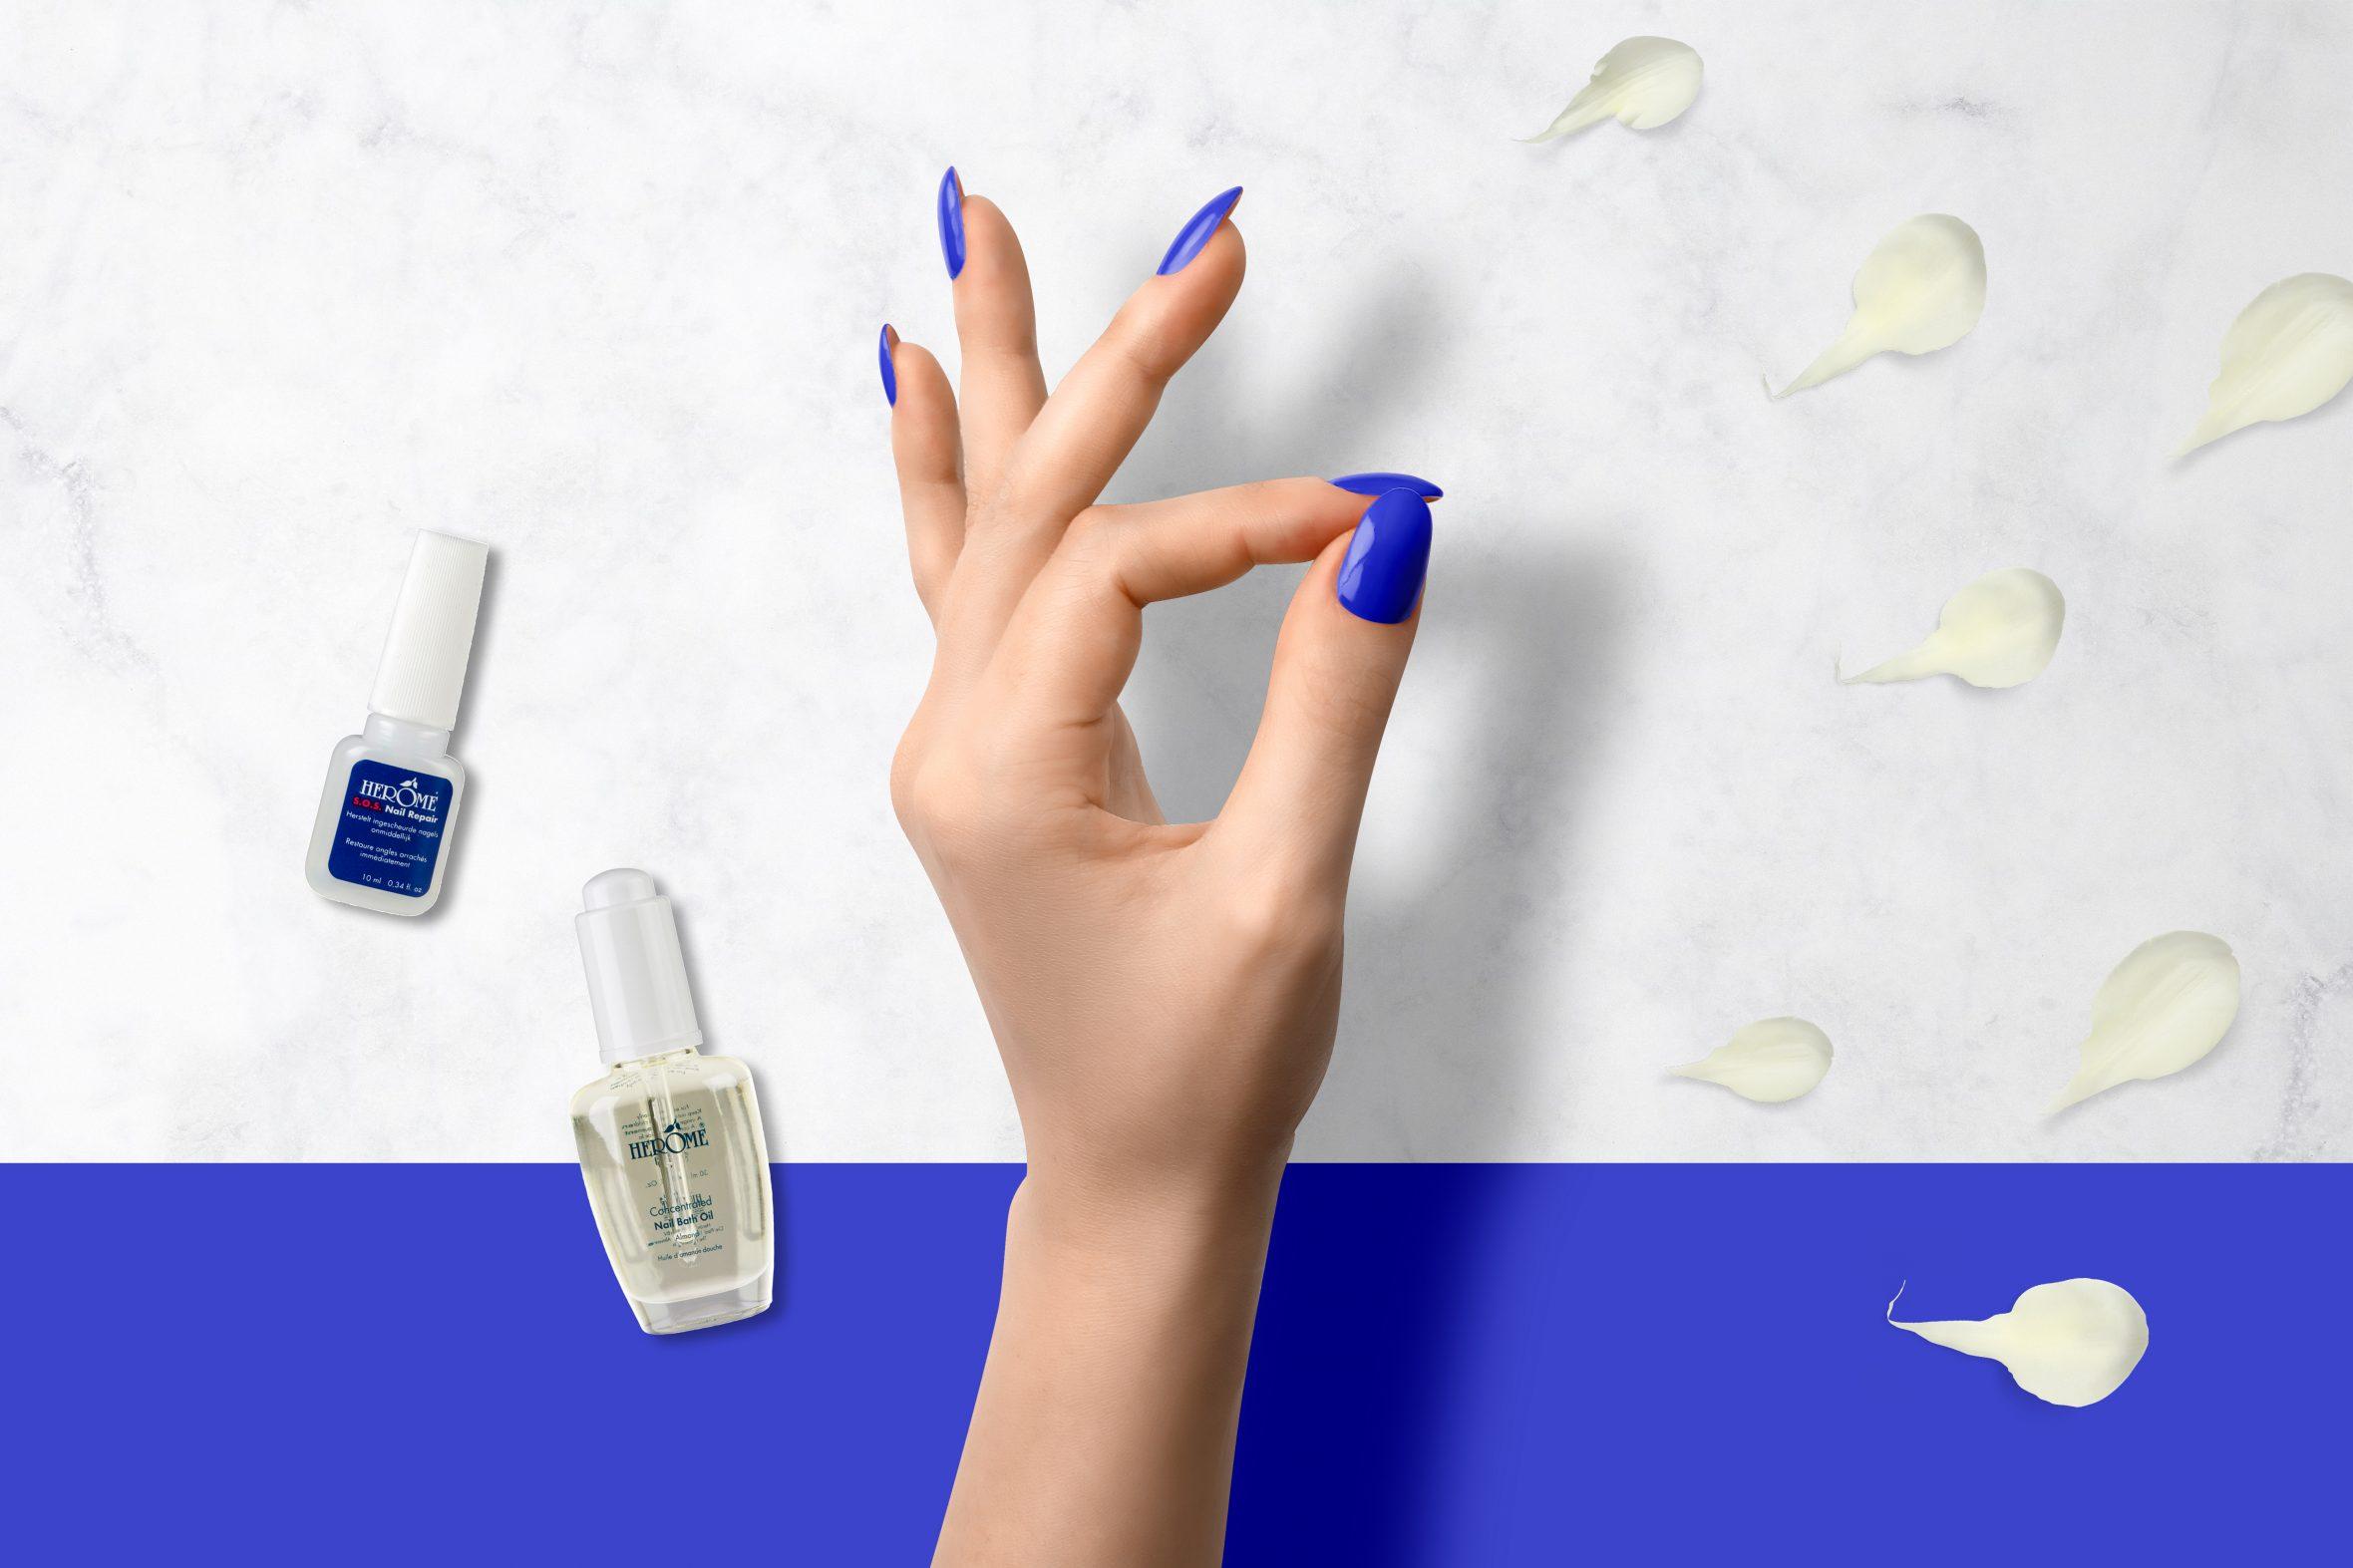 kobaltblauwe nagellak kopen van Herôme